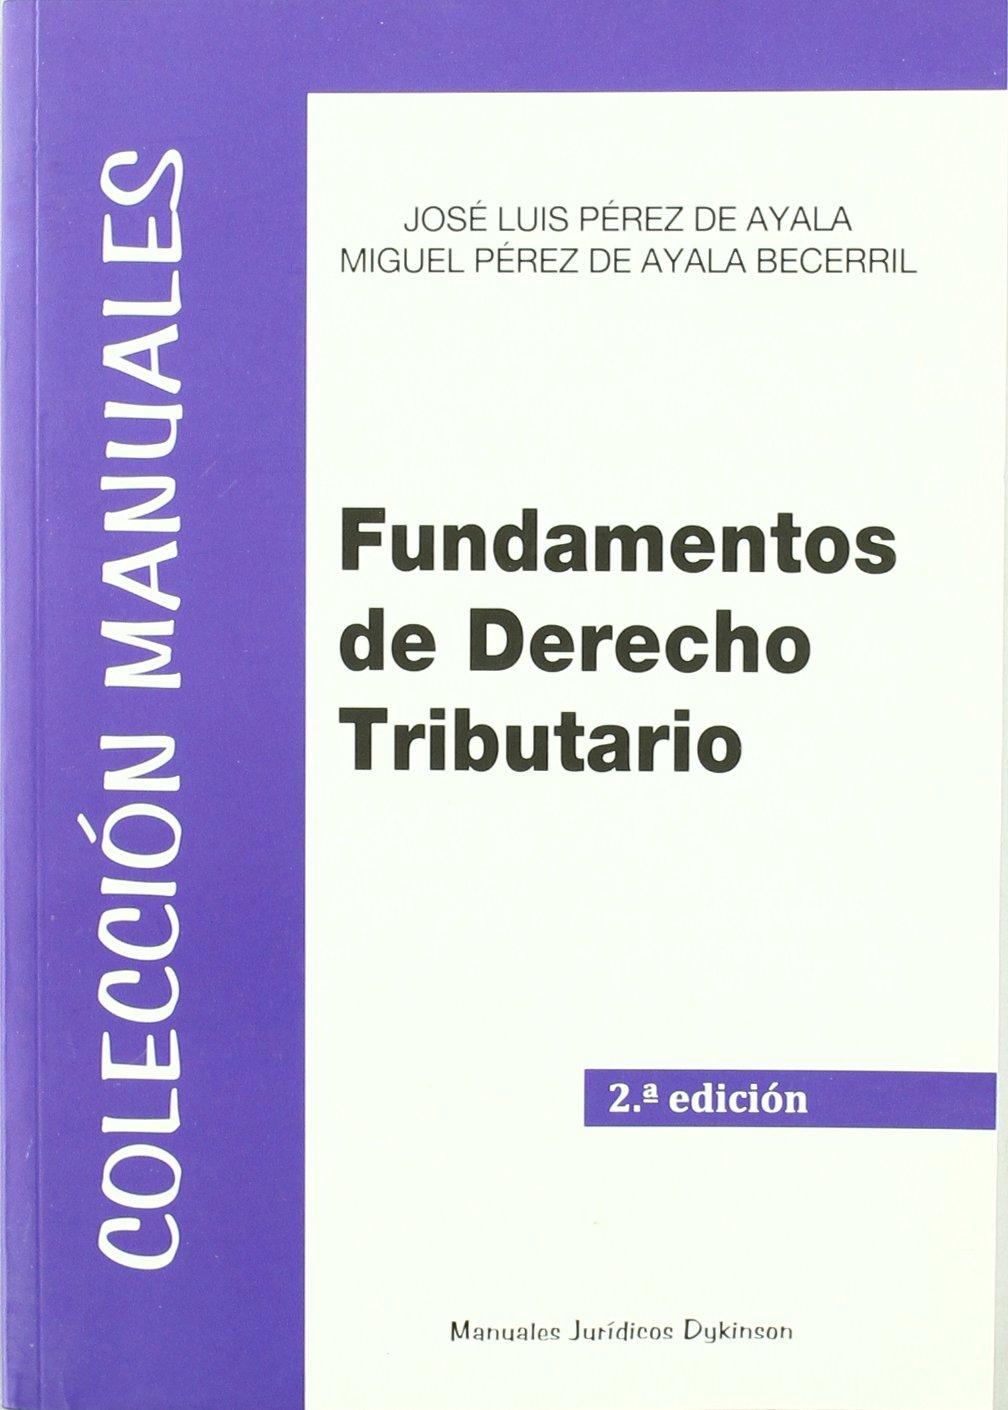 Download Fundamentos de Derecho Tributario / Fundamentals of Tax Law (Spanish Edition) PDF